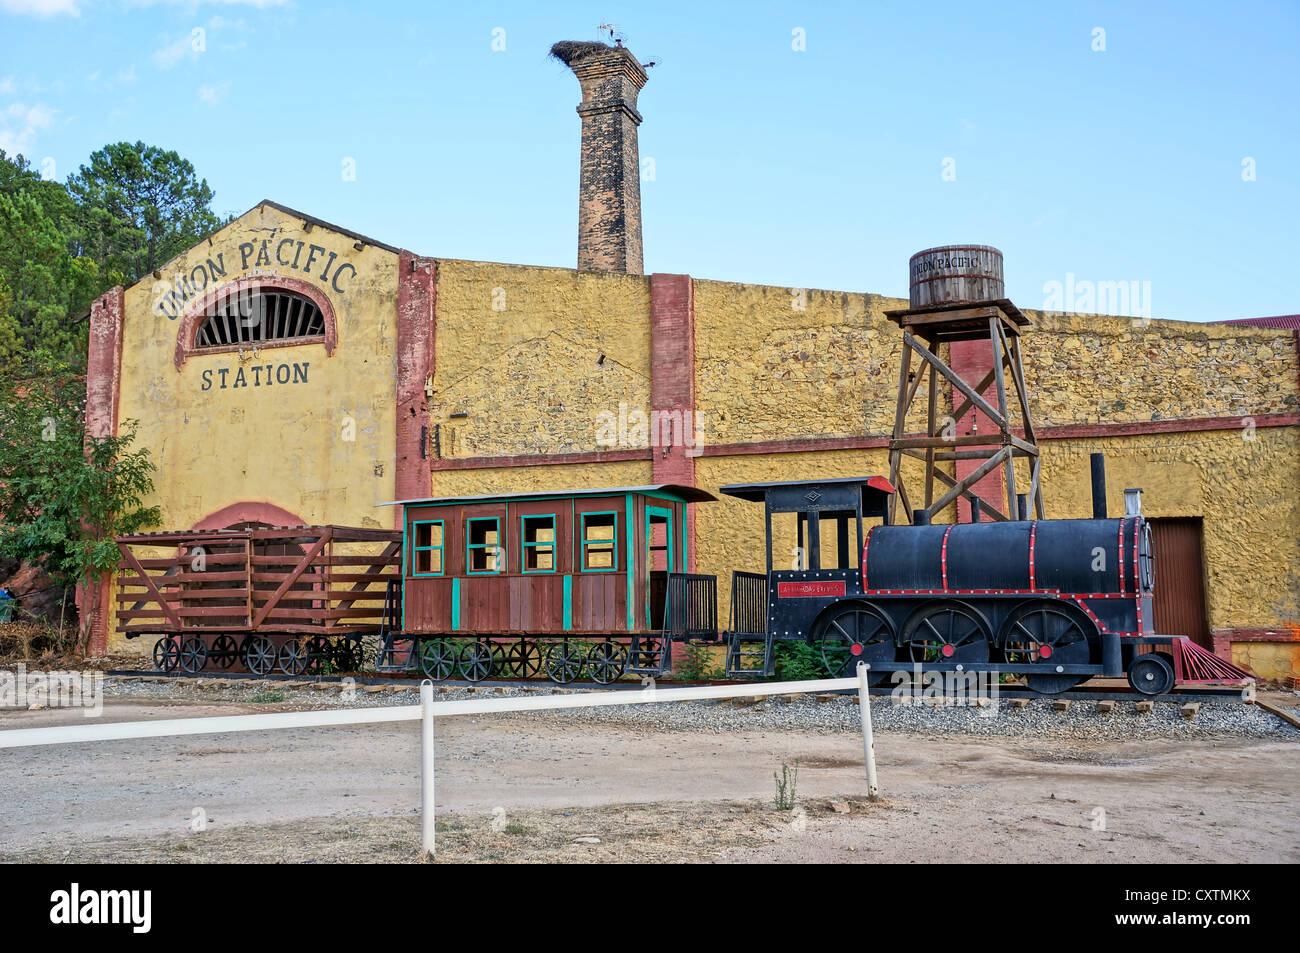 Western town union pacific train station at la reserva for Oficina western union sevilla